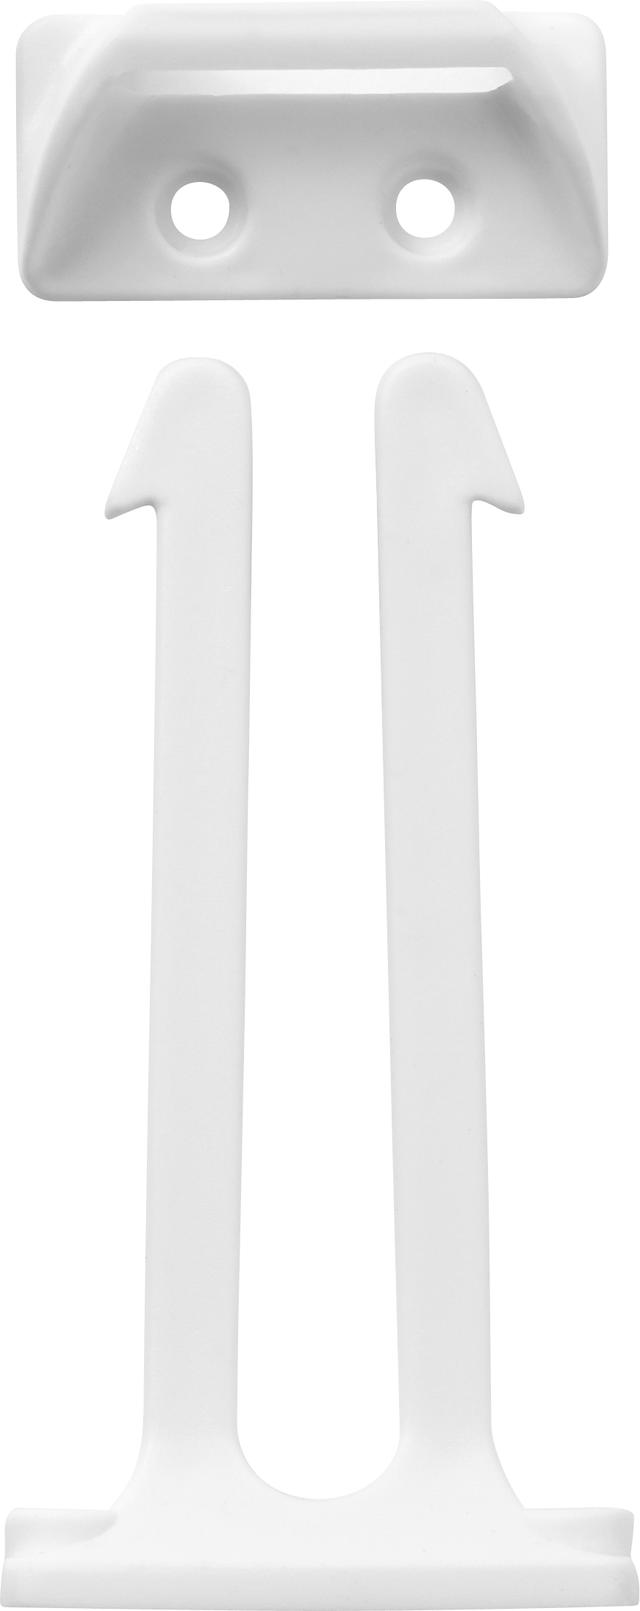 Schubladensicherung JC4100A SINA